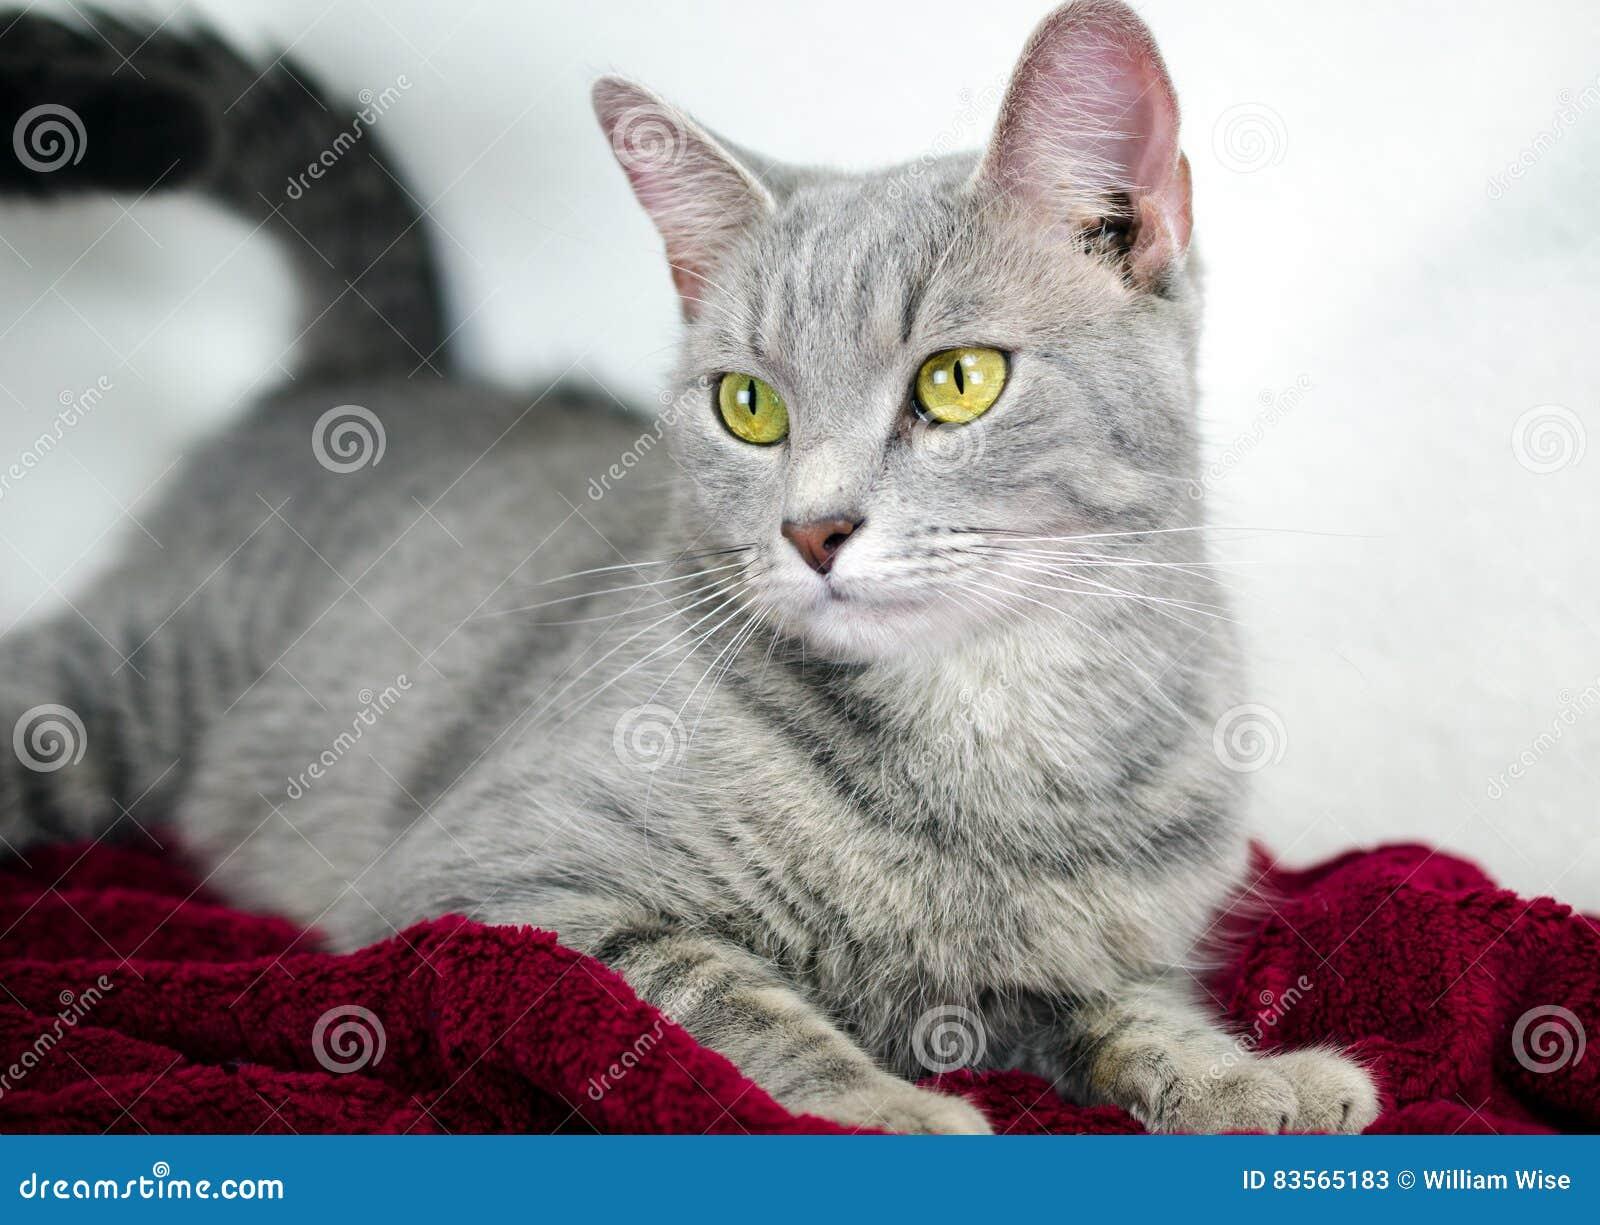 Silberne Tabby Cat auf roter Decke, weißer Hintergrund